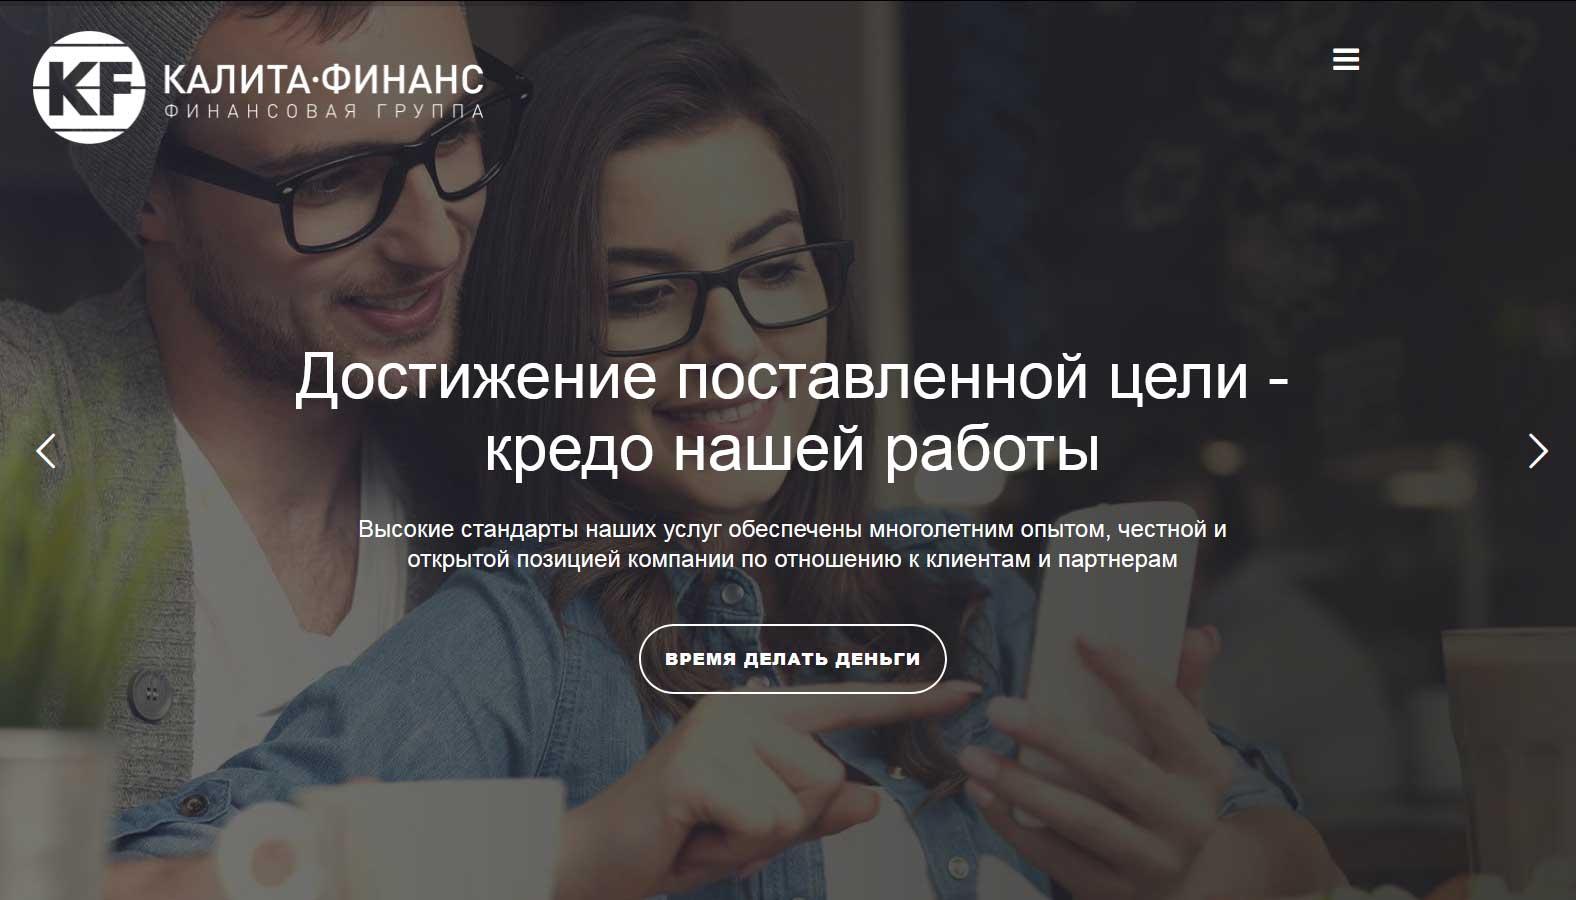 калита финанс официальный сайт